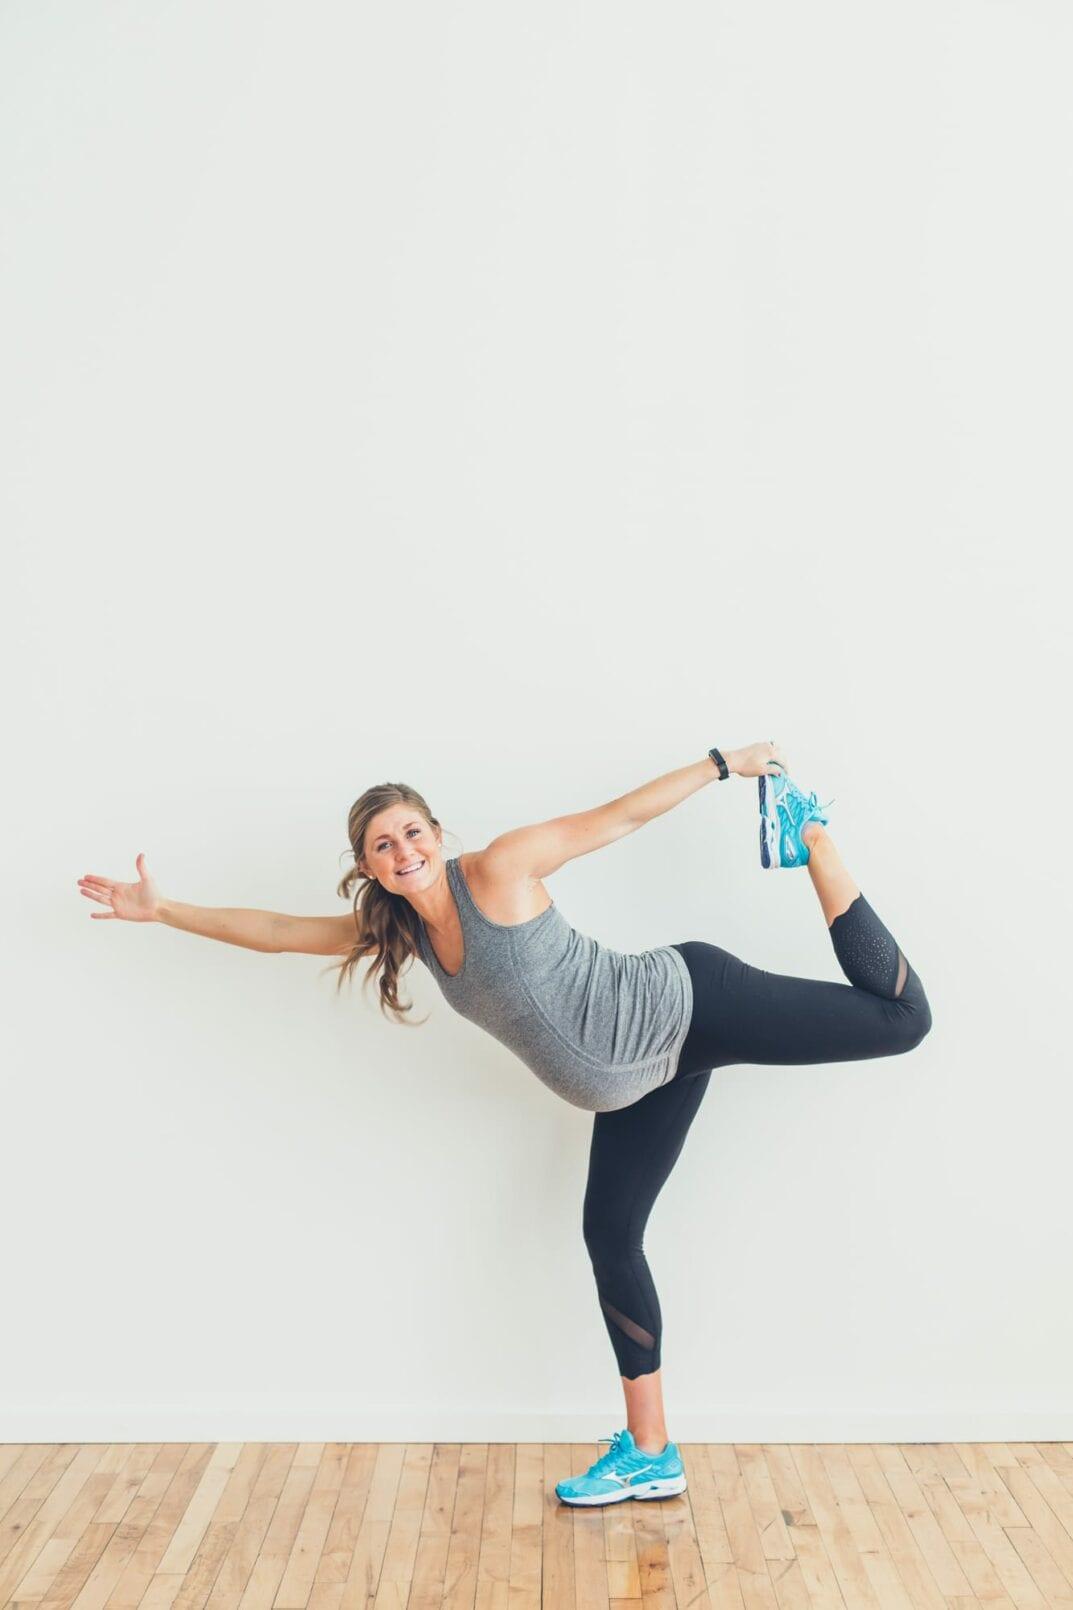 pregnancy workout apparel